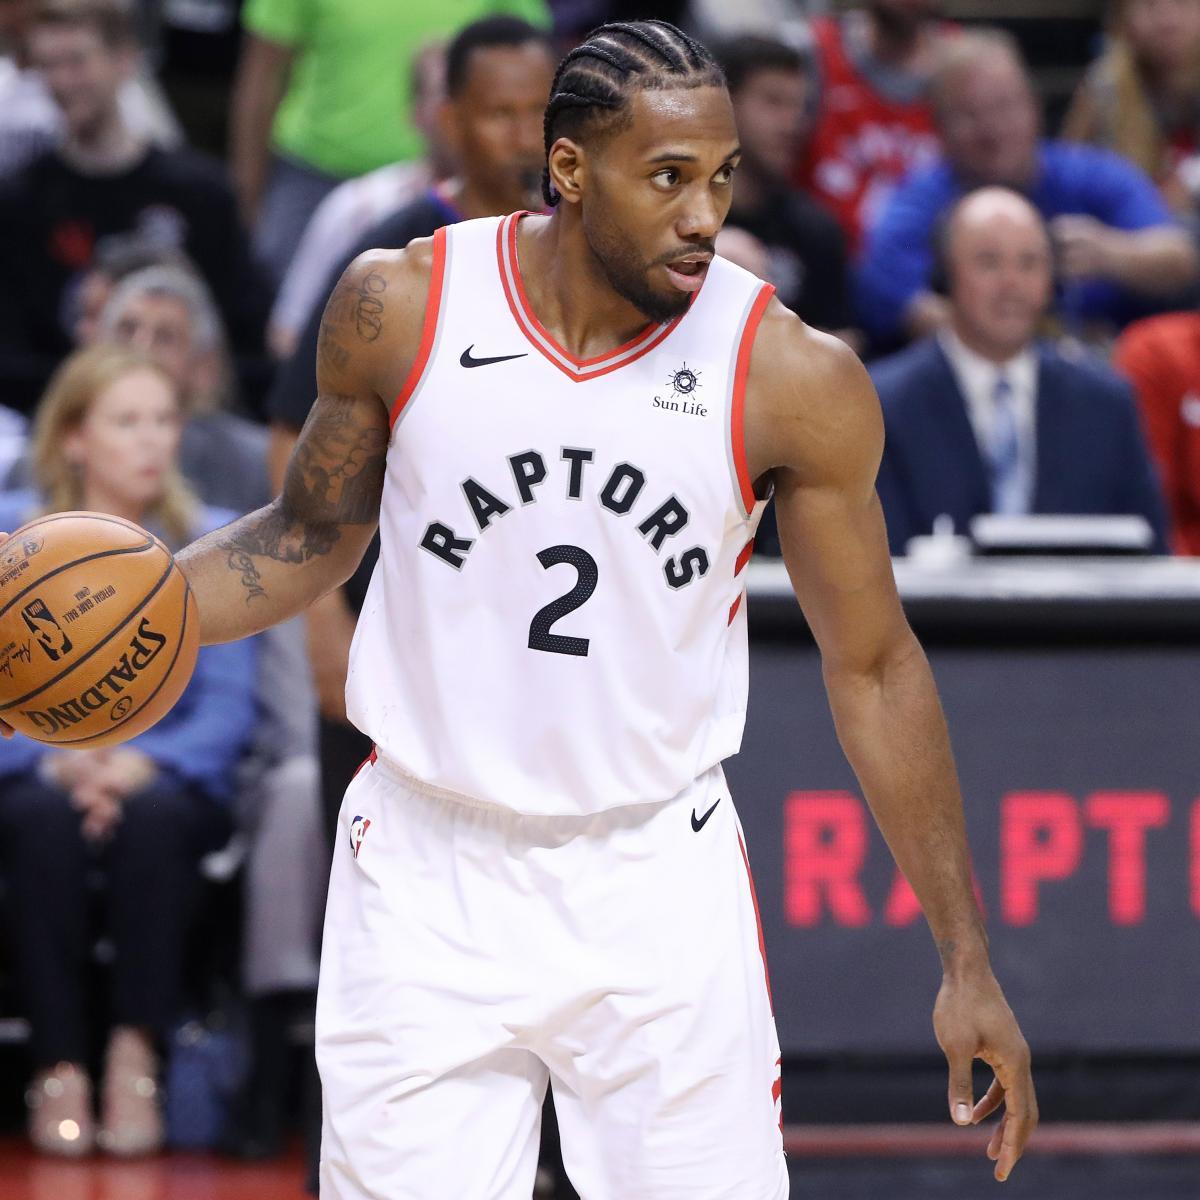 Rockets Vs Warriors Feb 23 2019: NBA Finals 2019 Latest Warriors Vs. Raptors Odds And